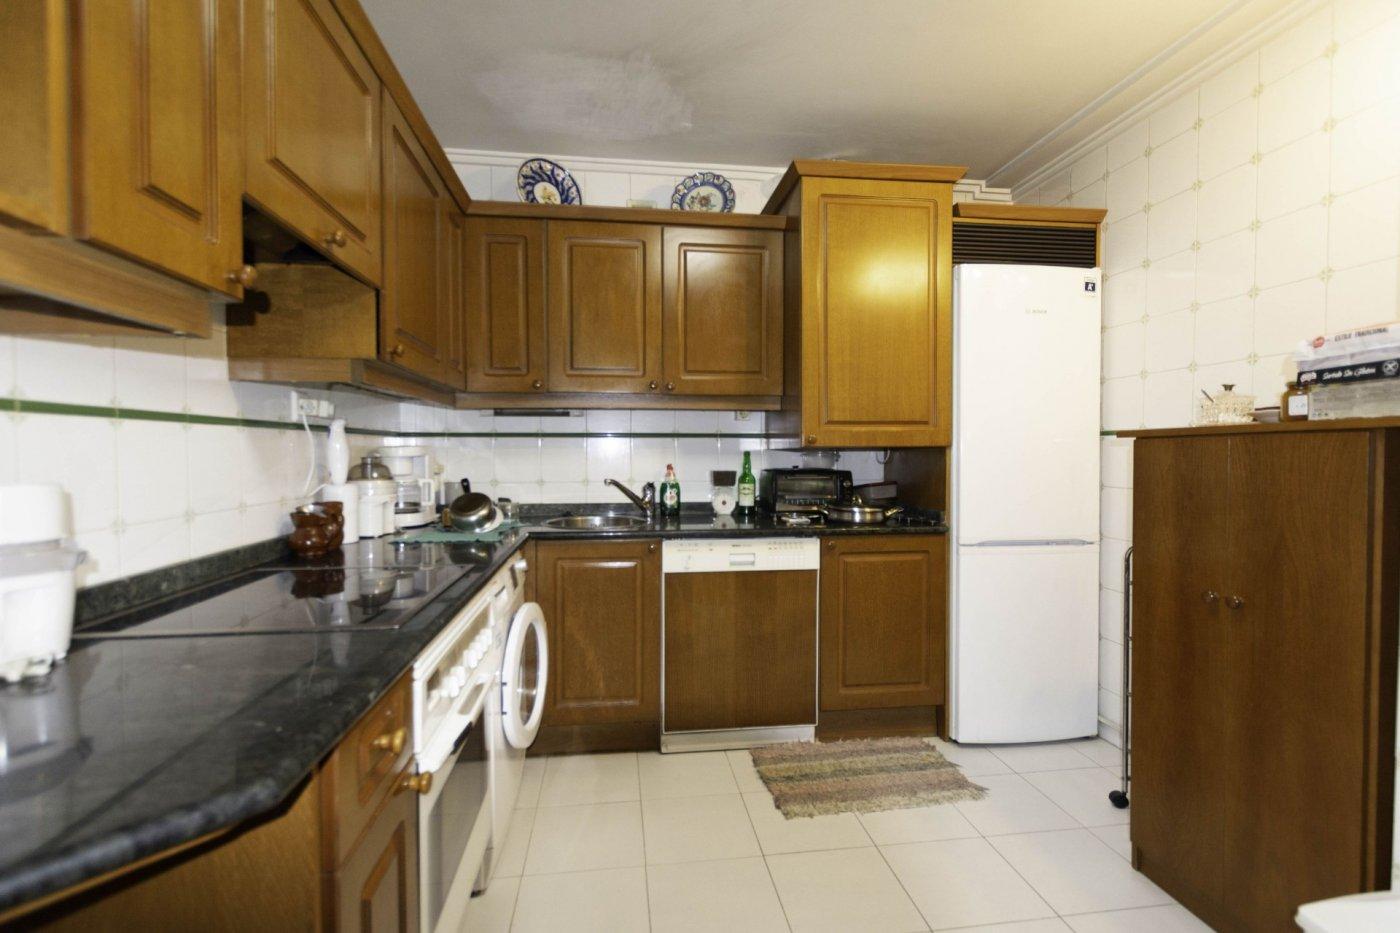 Tres habitaciones con garaje y trastero a dos minutos caminando de la calle uría. - imagenInmueble6